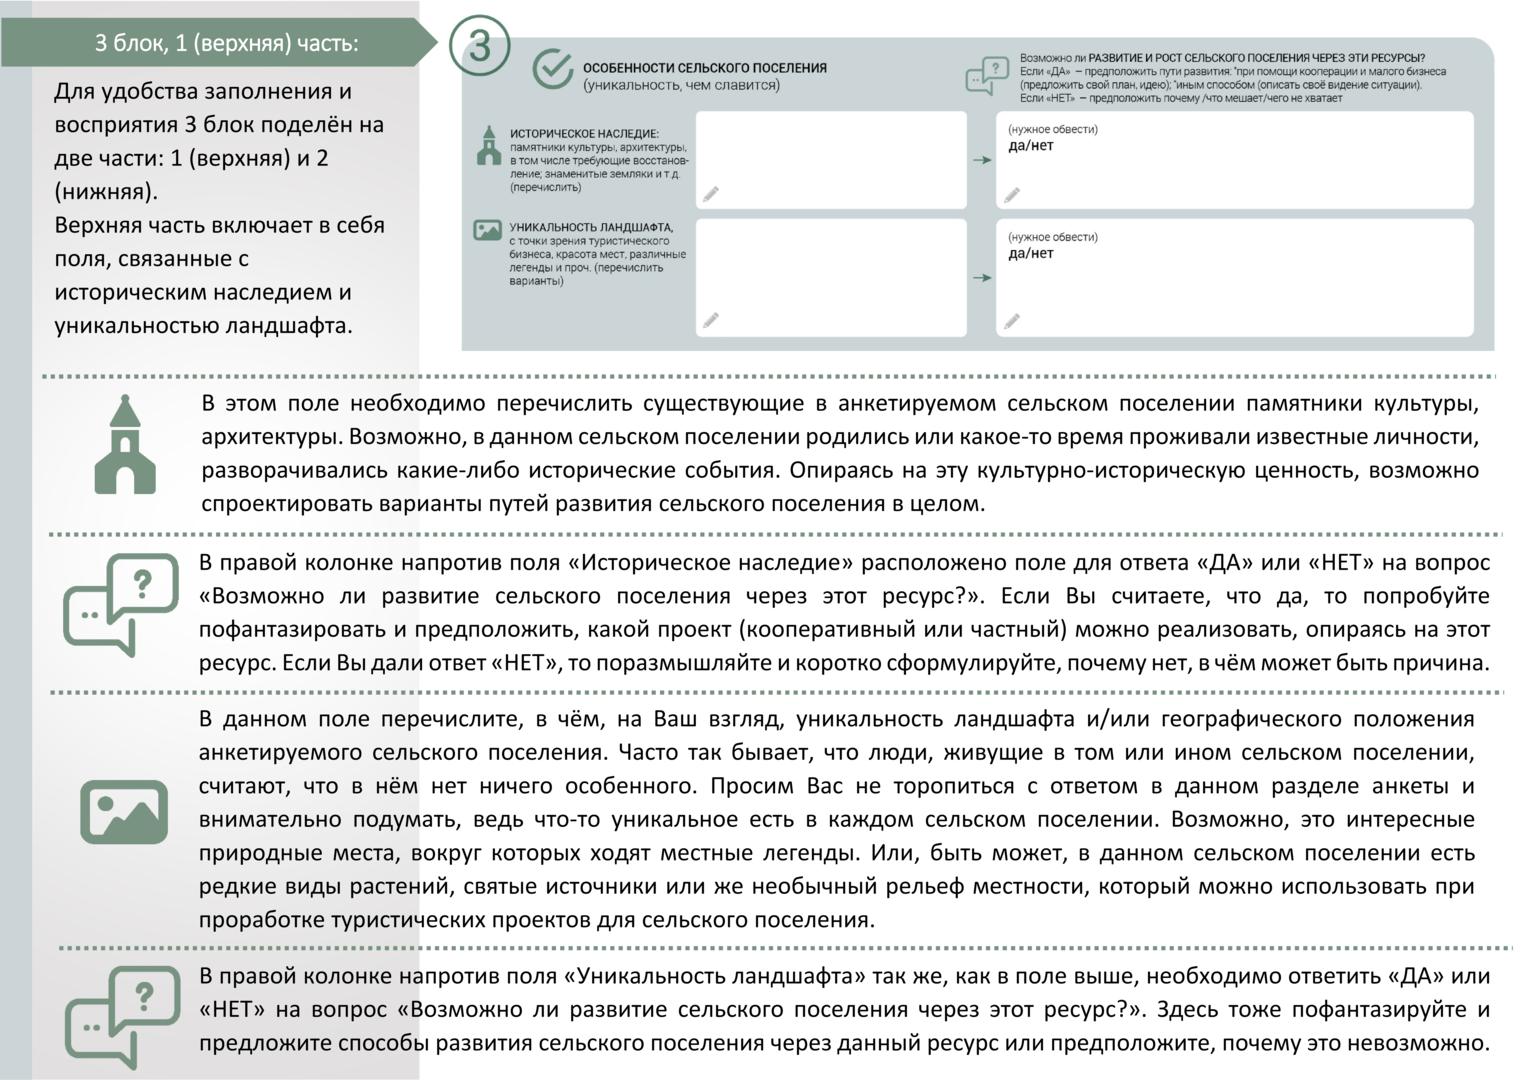 instruktsia_gotov_005